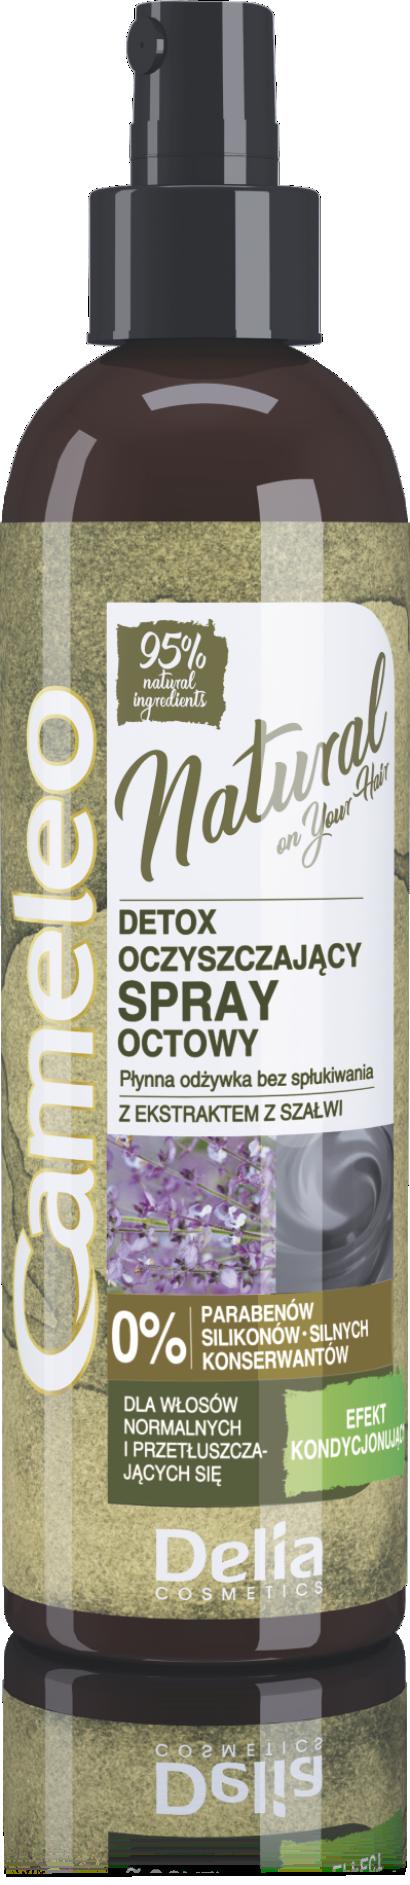 CAMELEO NATURAL 95% Vlasový kondicioner ve spreji DETOX 200ml